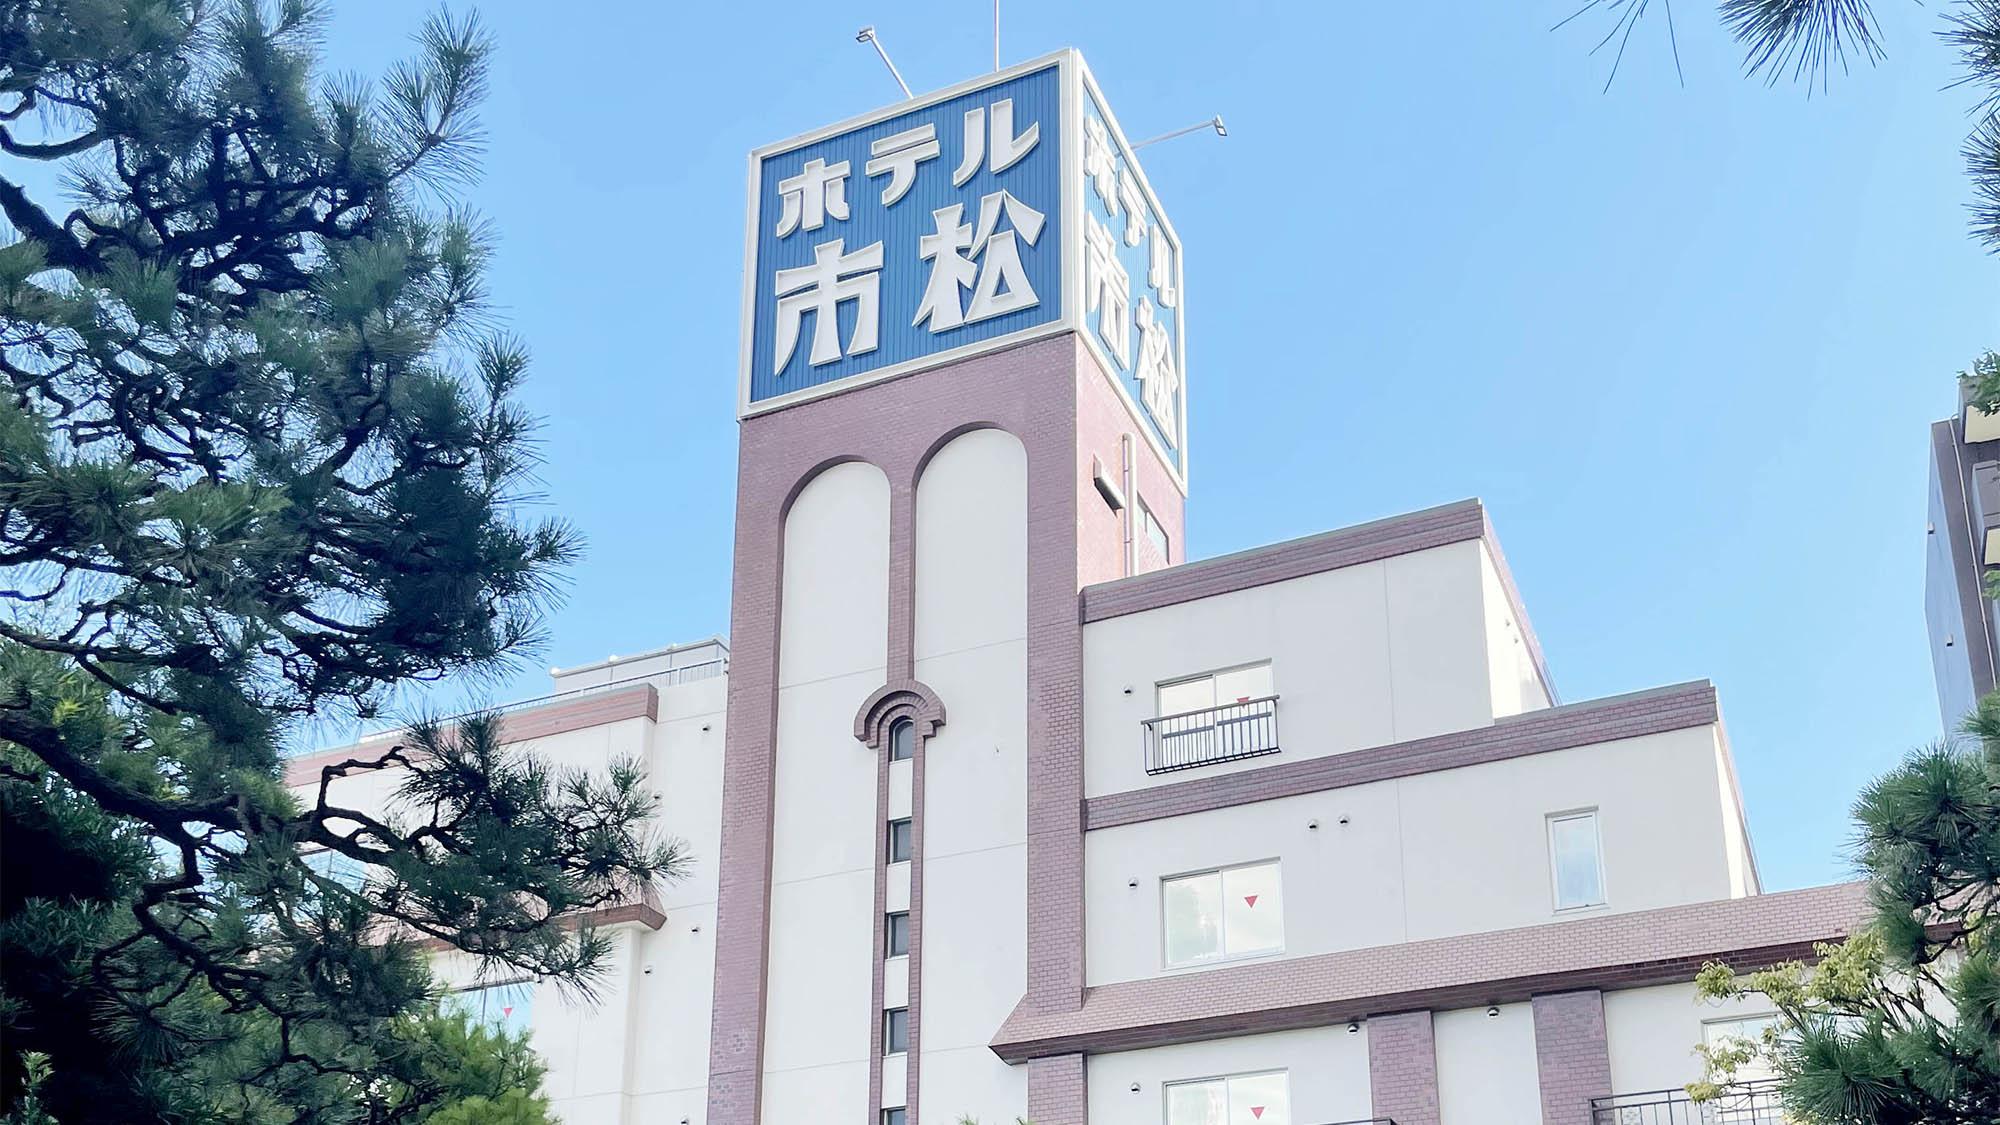 ホテル 市松◆楽天トラベル